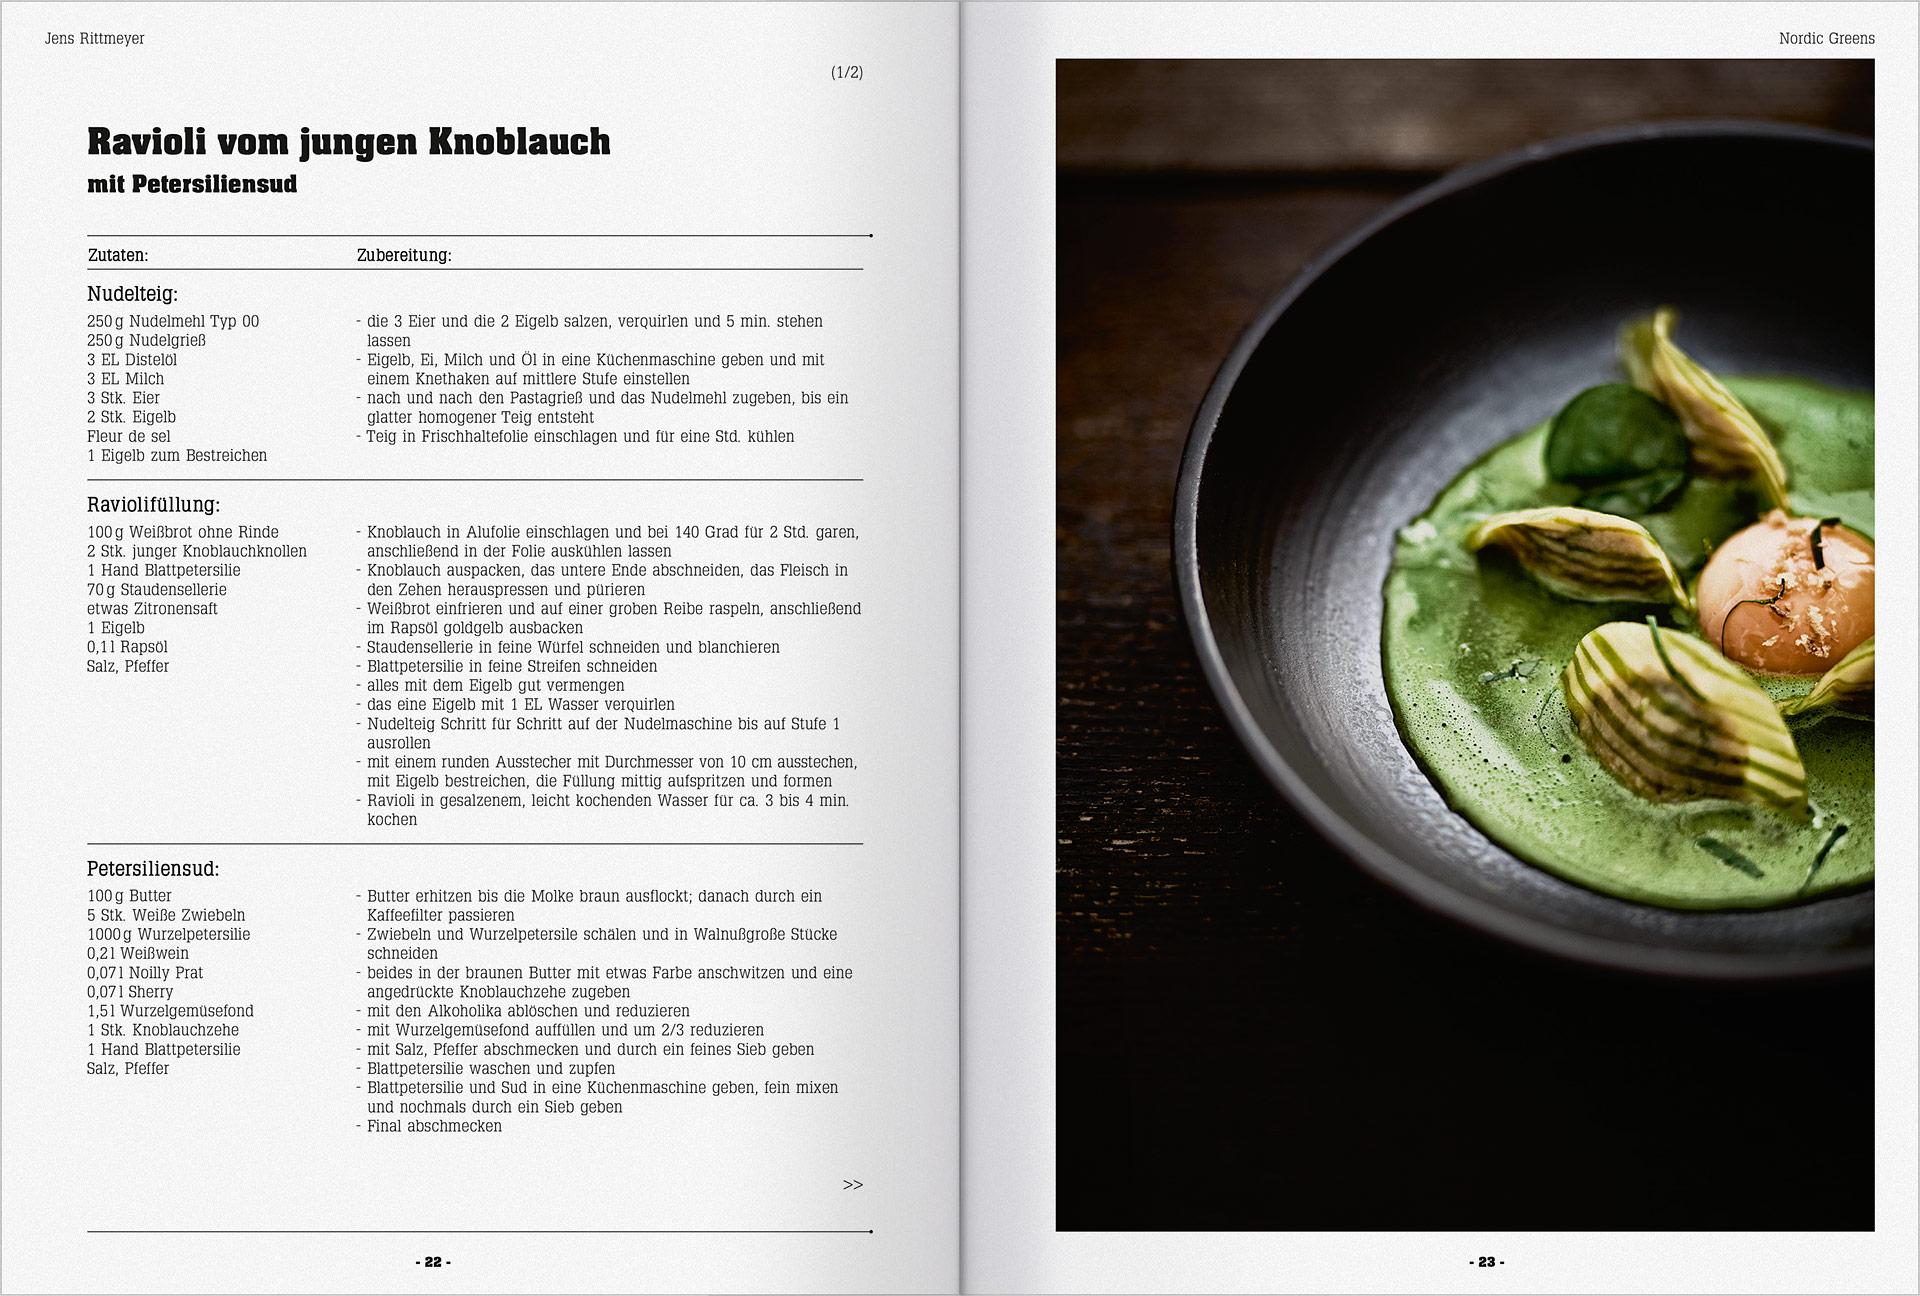 Druckerzeugnisse für die Gastronomie und Hotellerie 15a